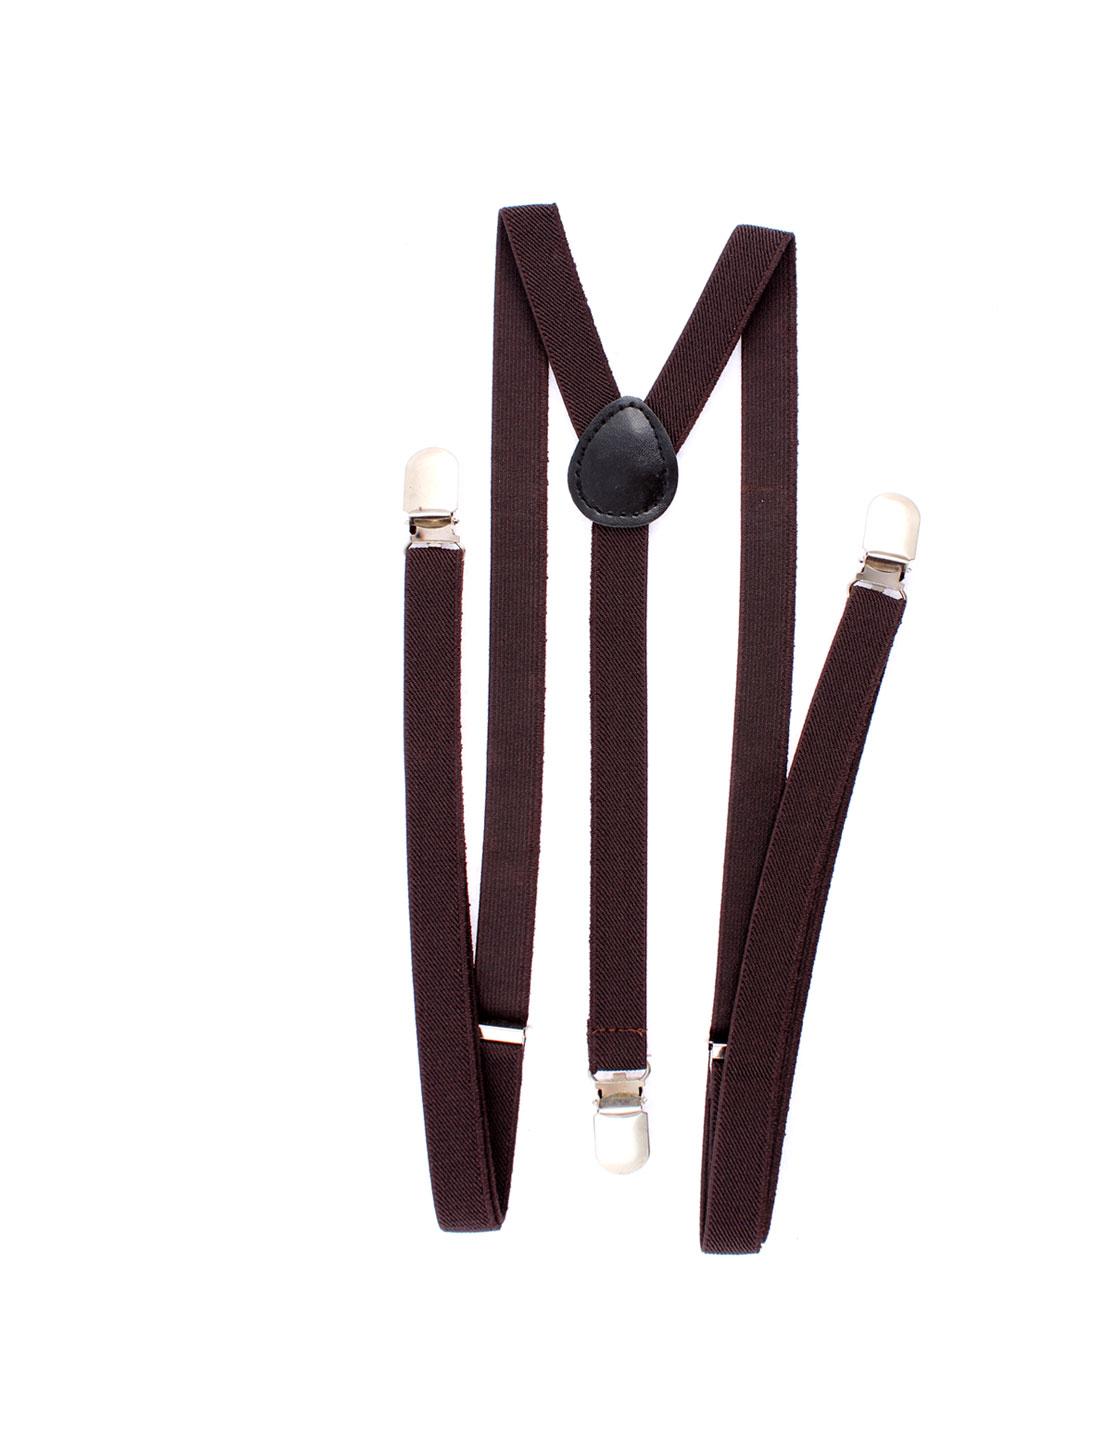 Elastic Fibre Metal Clamp Y Shape Adjustable Suspenders Braces Dark Coffee Color